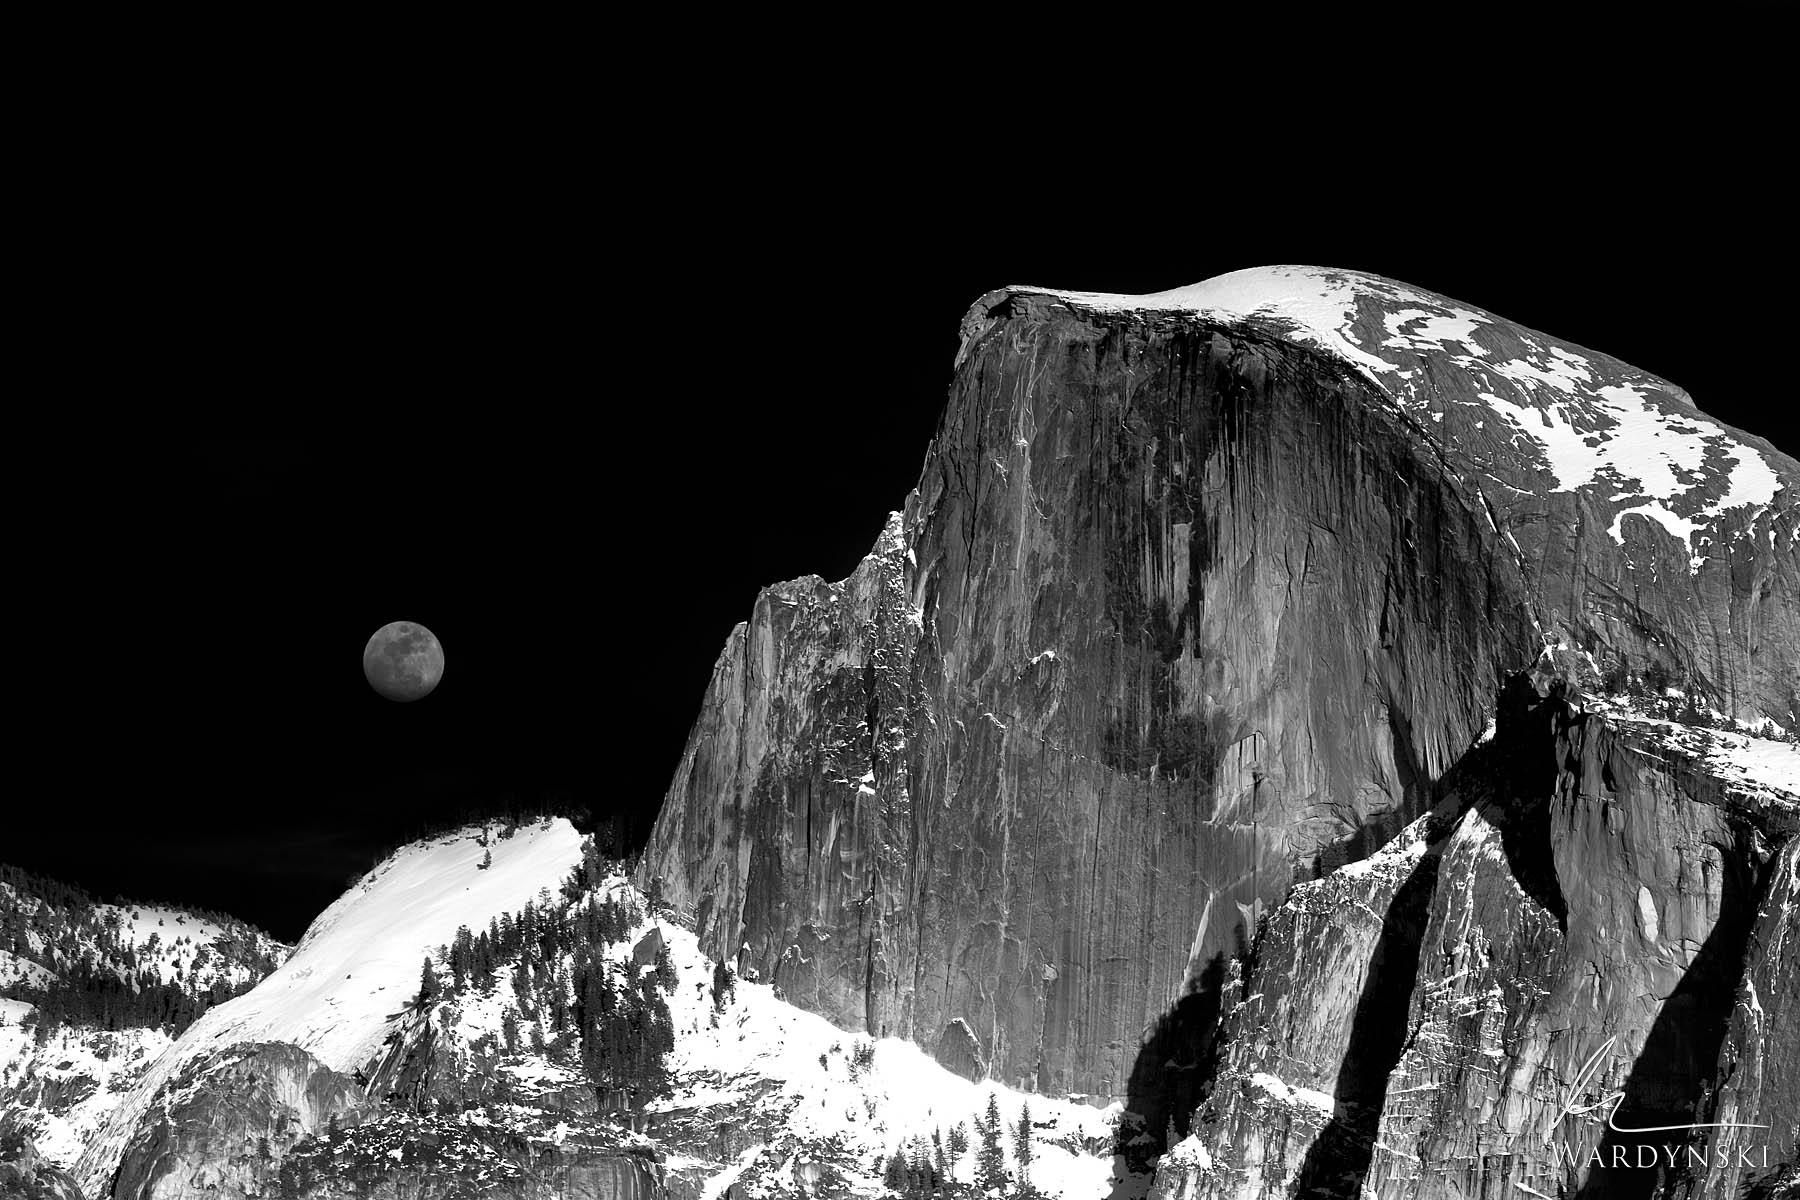 Halfdome, Full moon